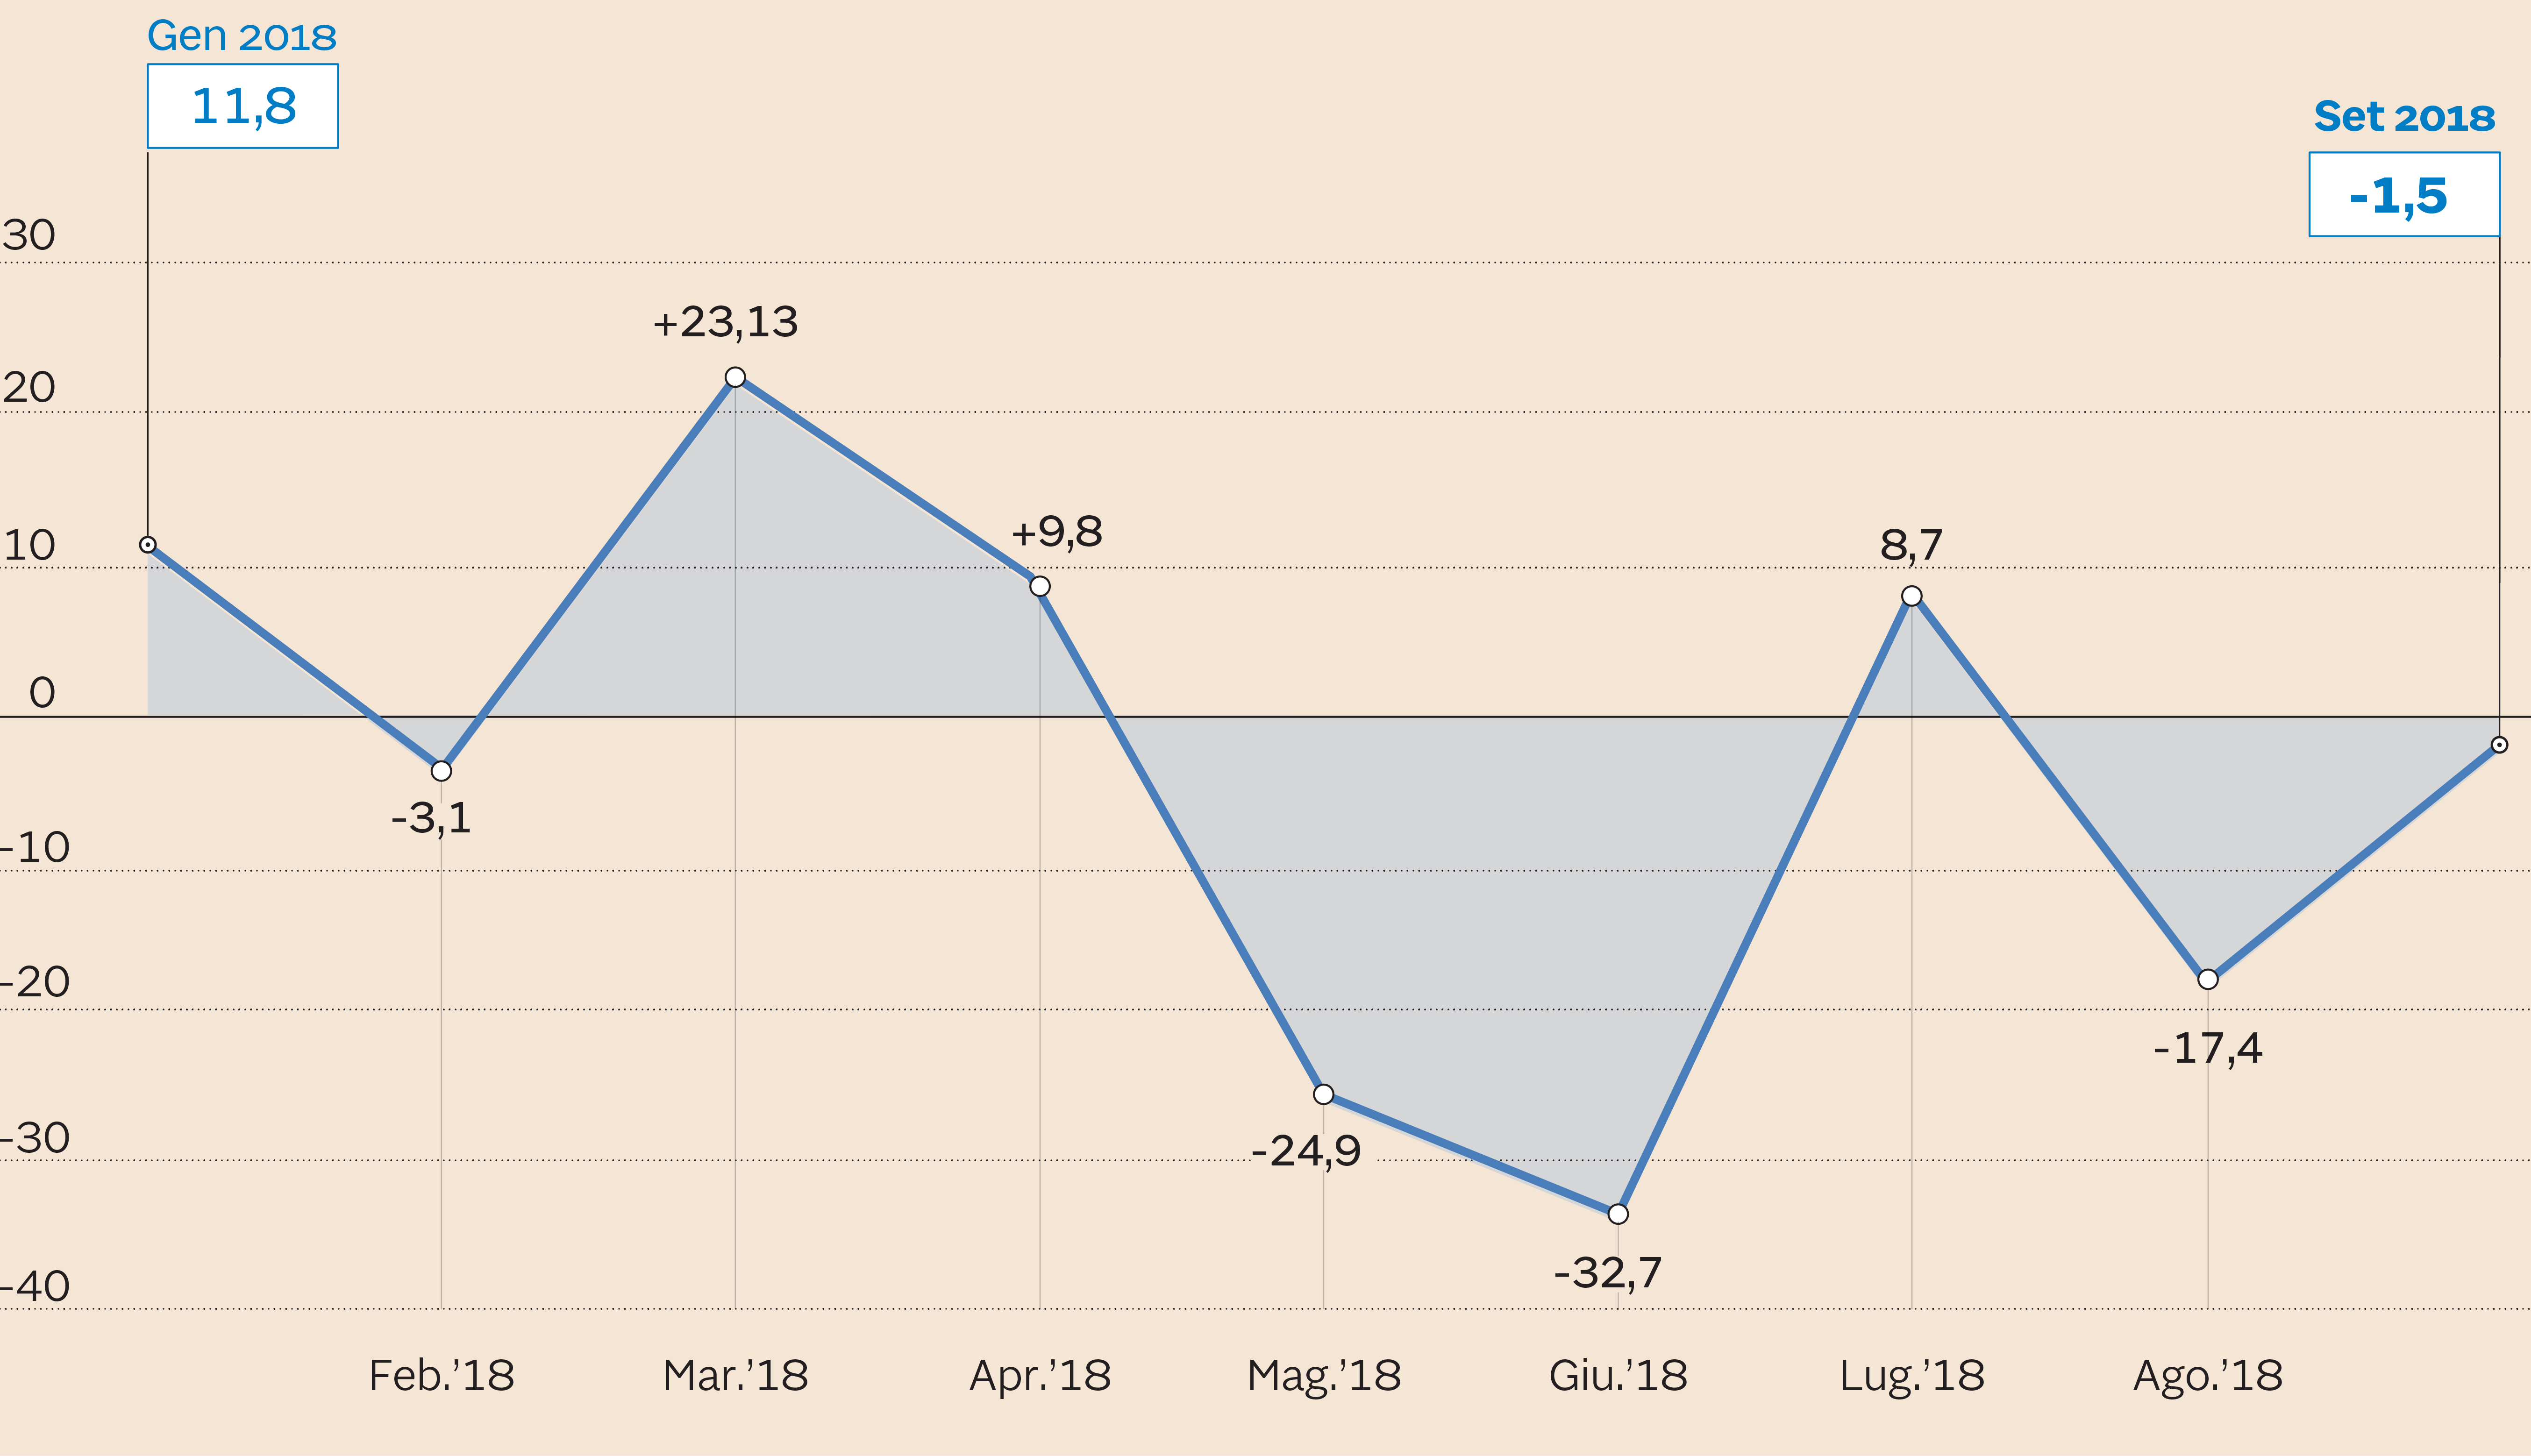 Il Btp Italia non scalda gli investitori. Ma c'è ancora tempo